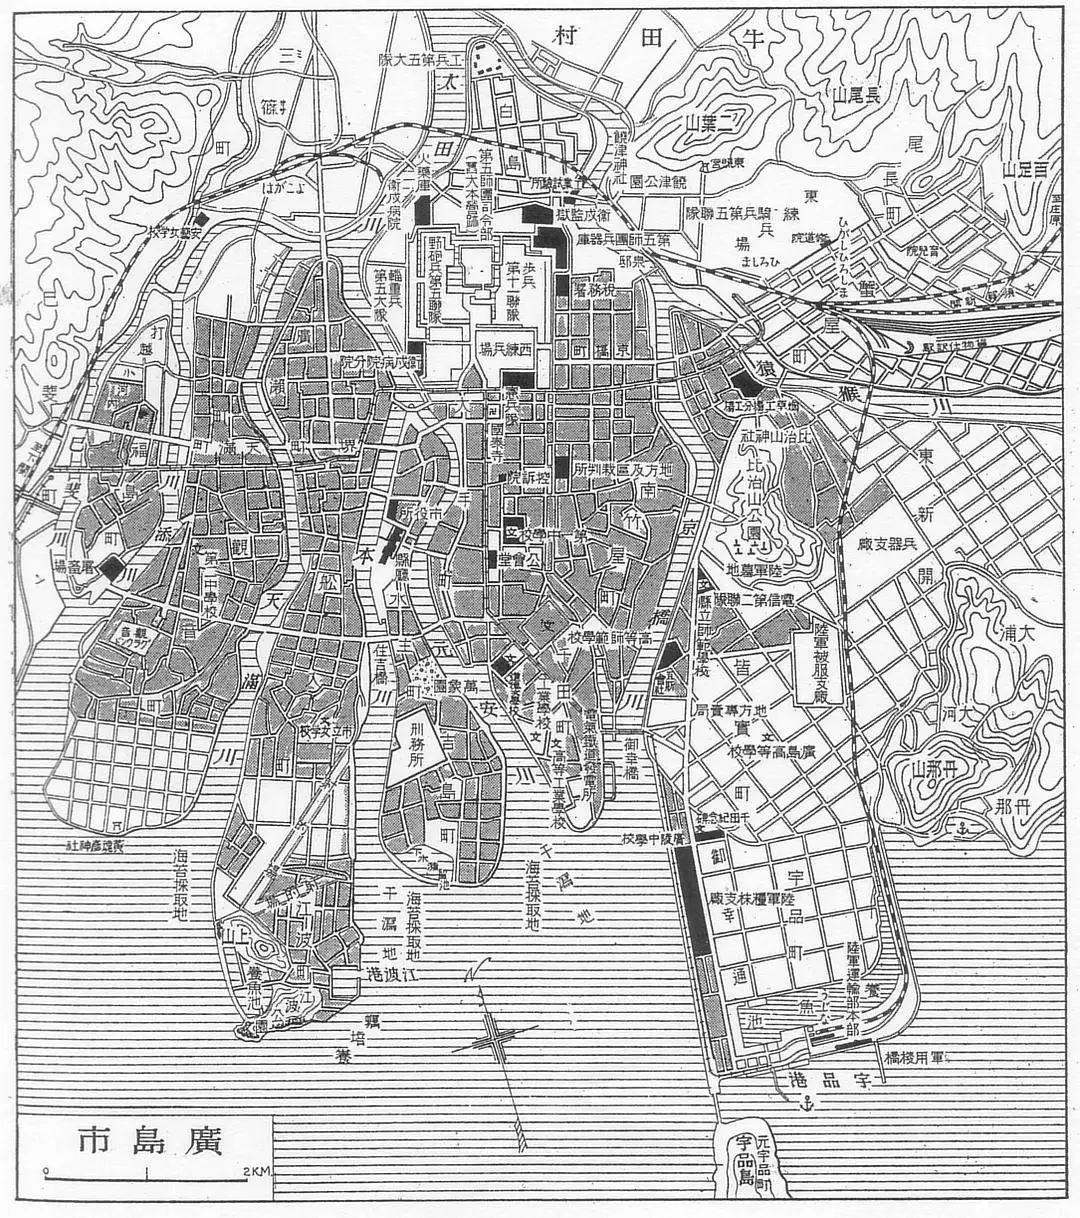 广岛地图概览